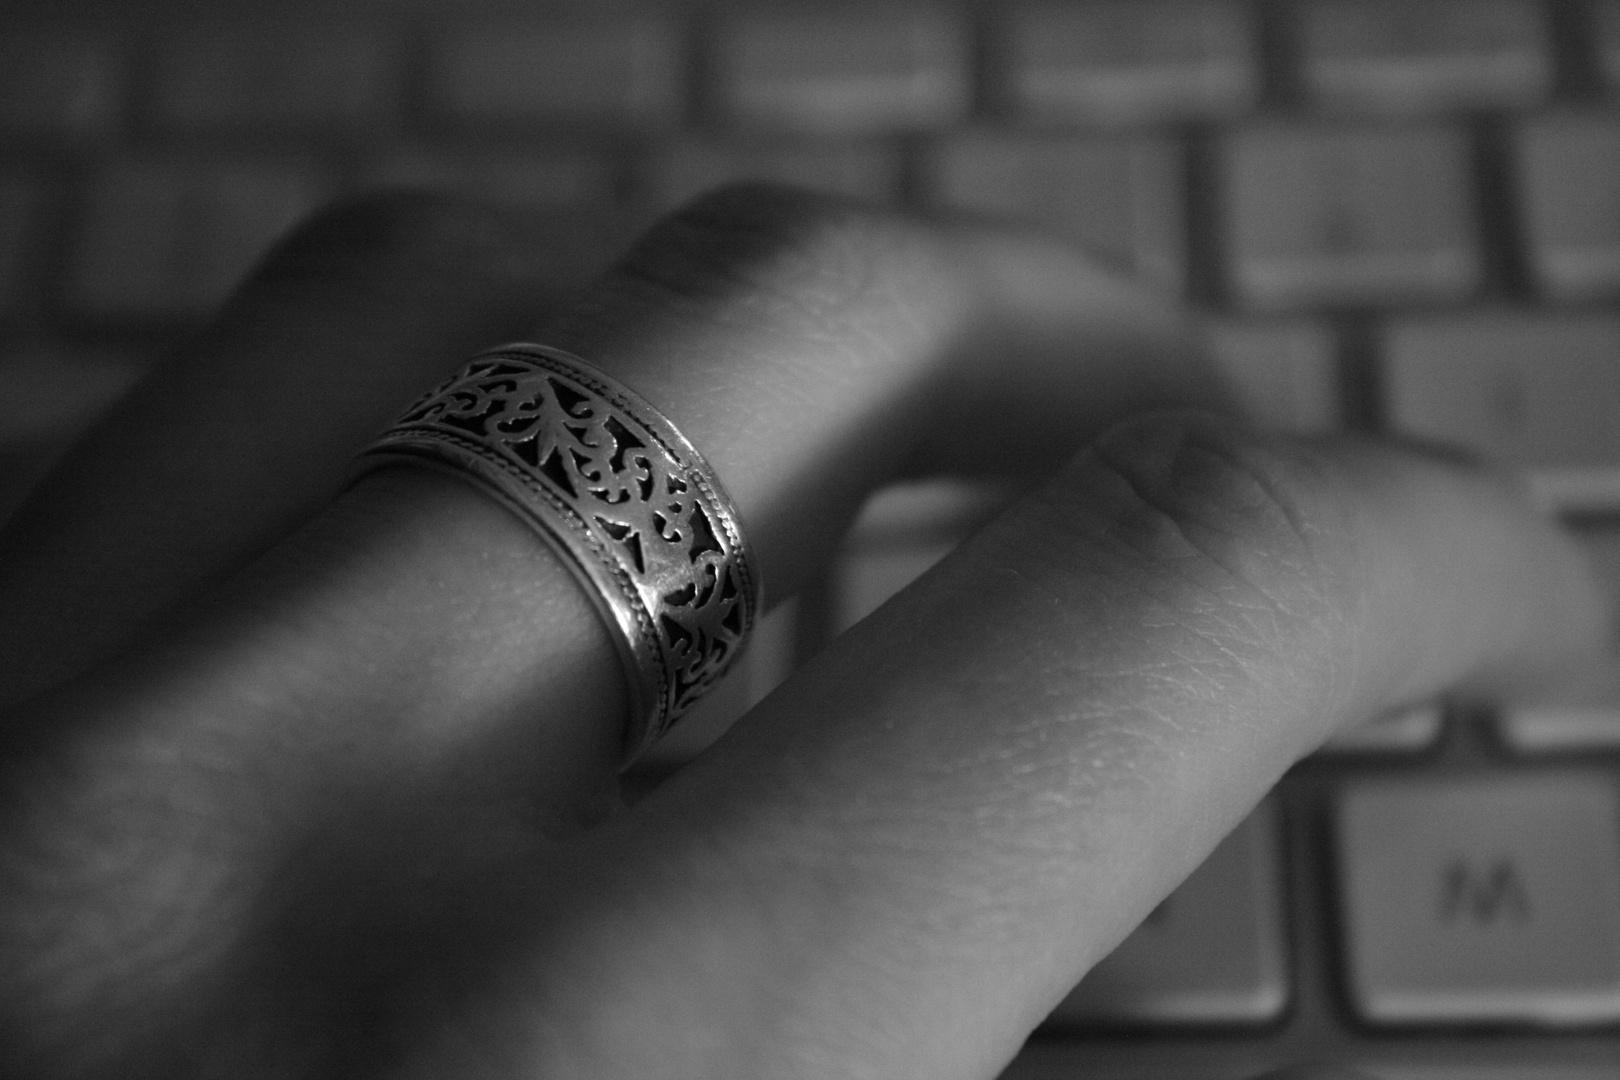 Liebe gleicht dem Ring- und hat kein Ende